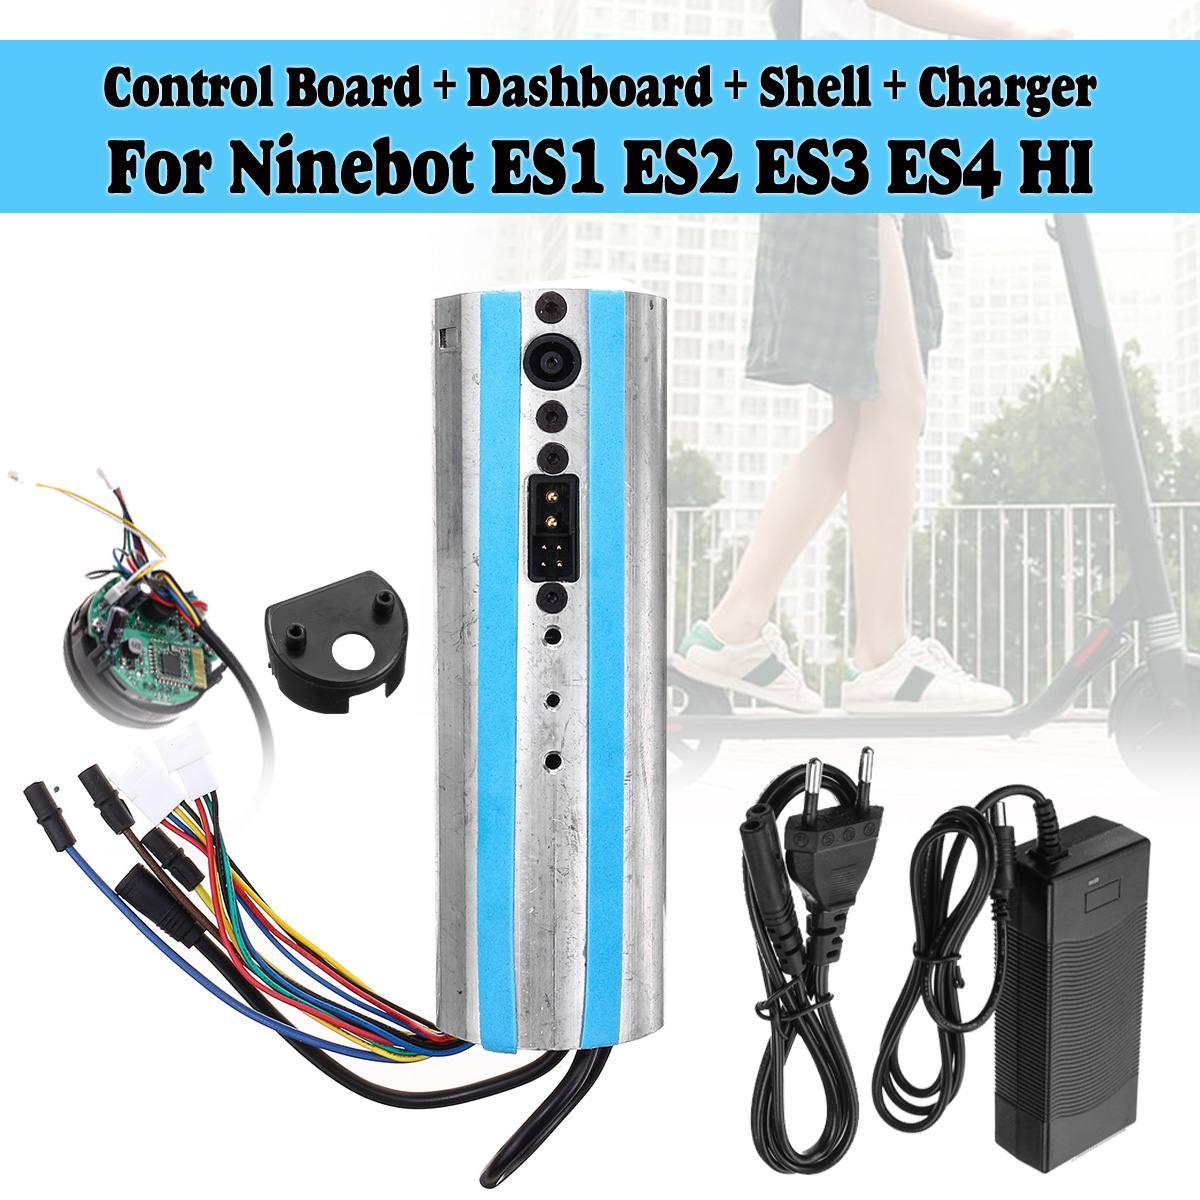 Scooter électrique activé bluetooth tableau de bord carte mère contrôleur et chargeur pour Ninebot ES1 ES2 ES3 ES4